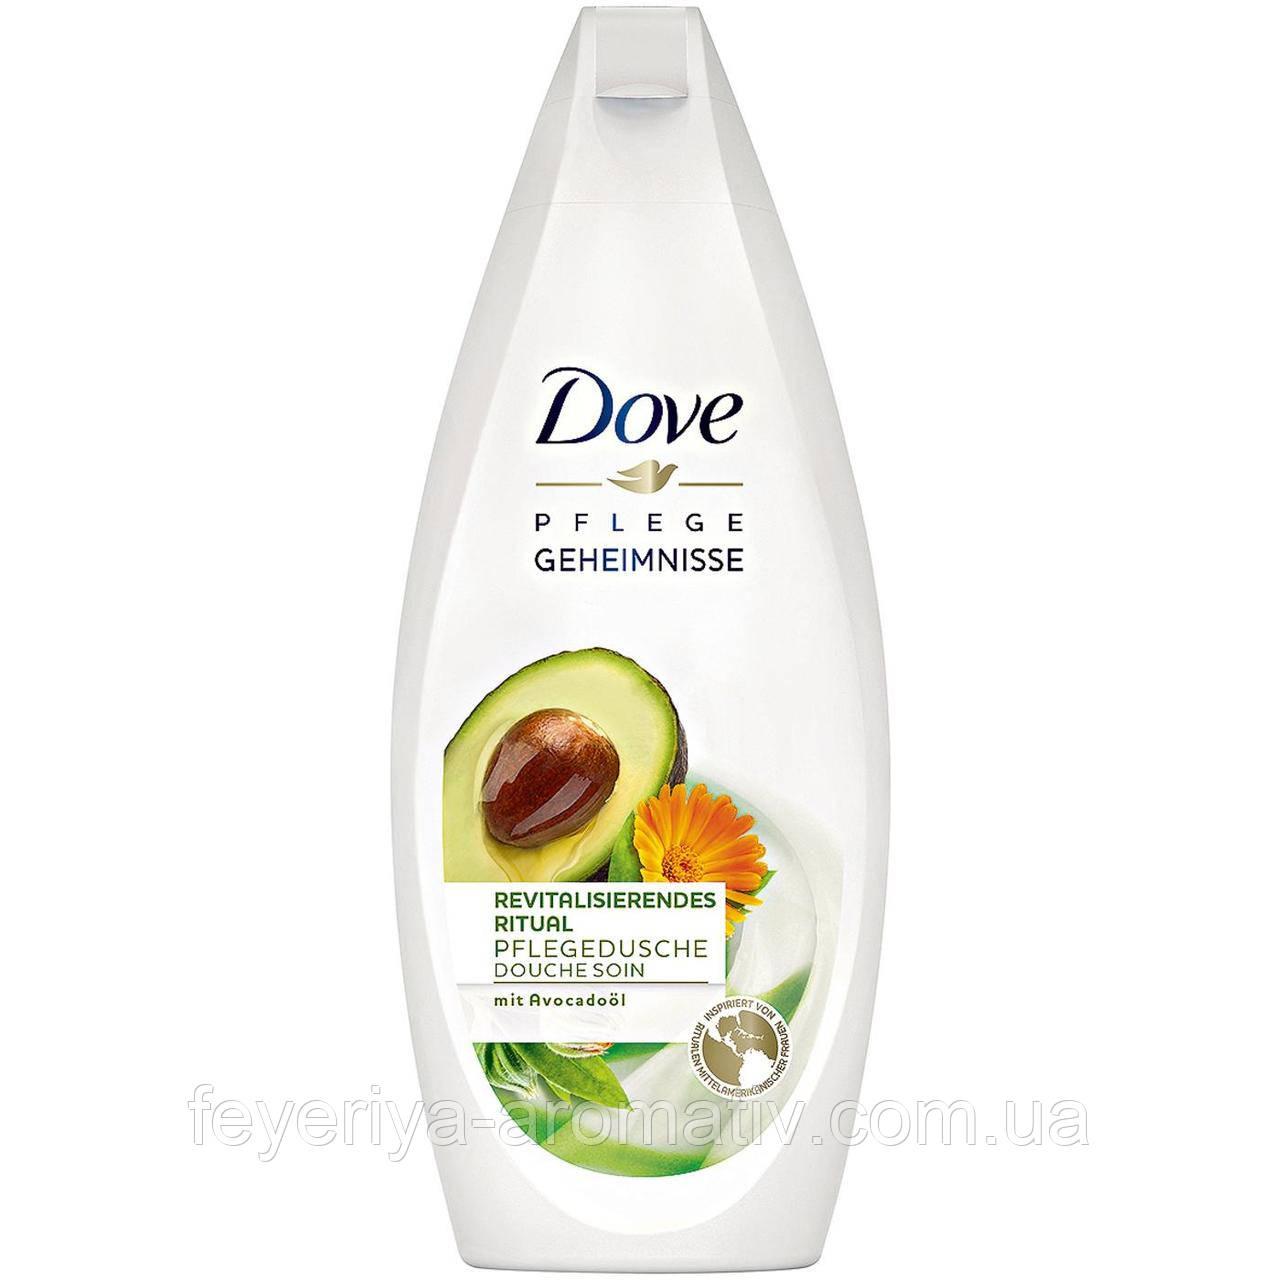 Гель для душа Dove Geheimnisse авокадо и календула, 250гр (Германия)